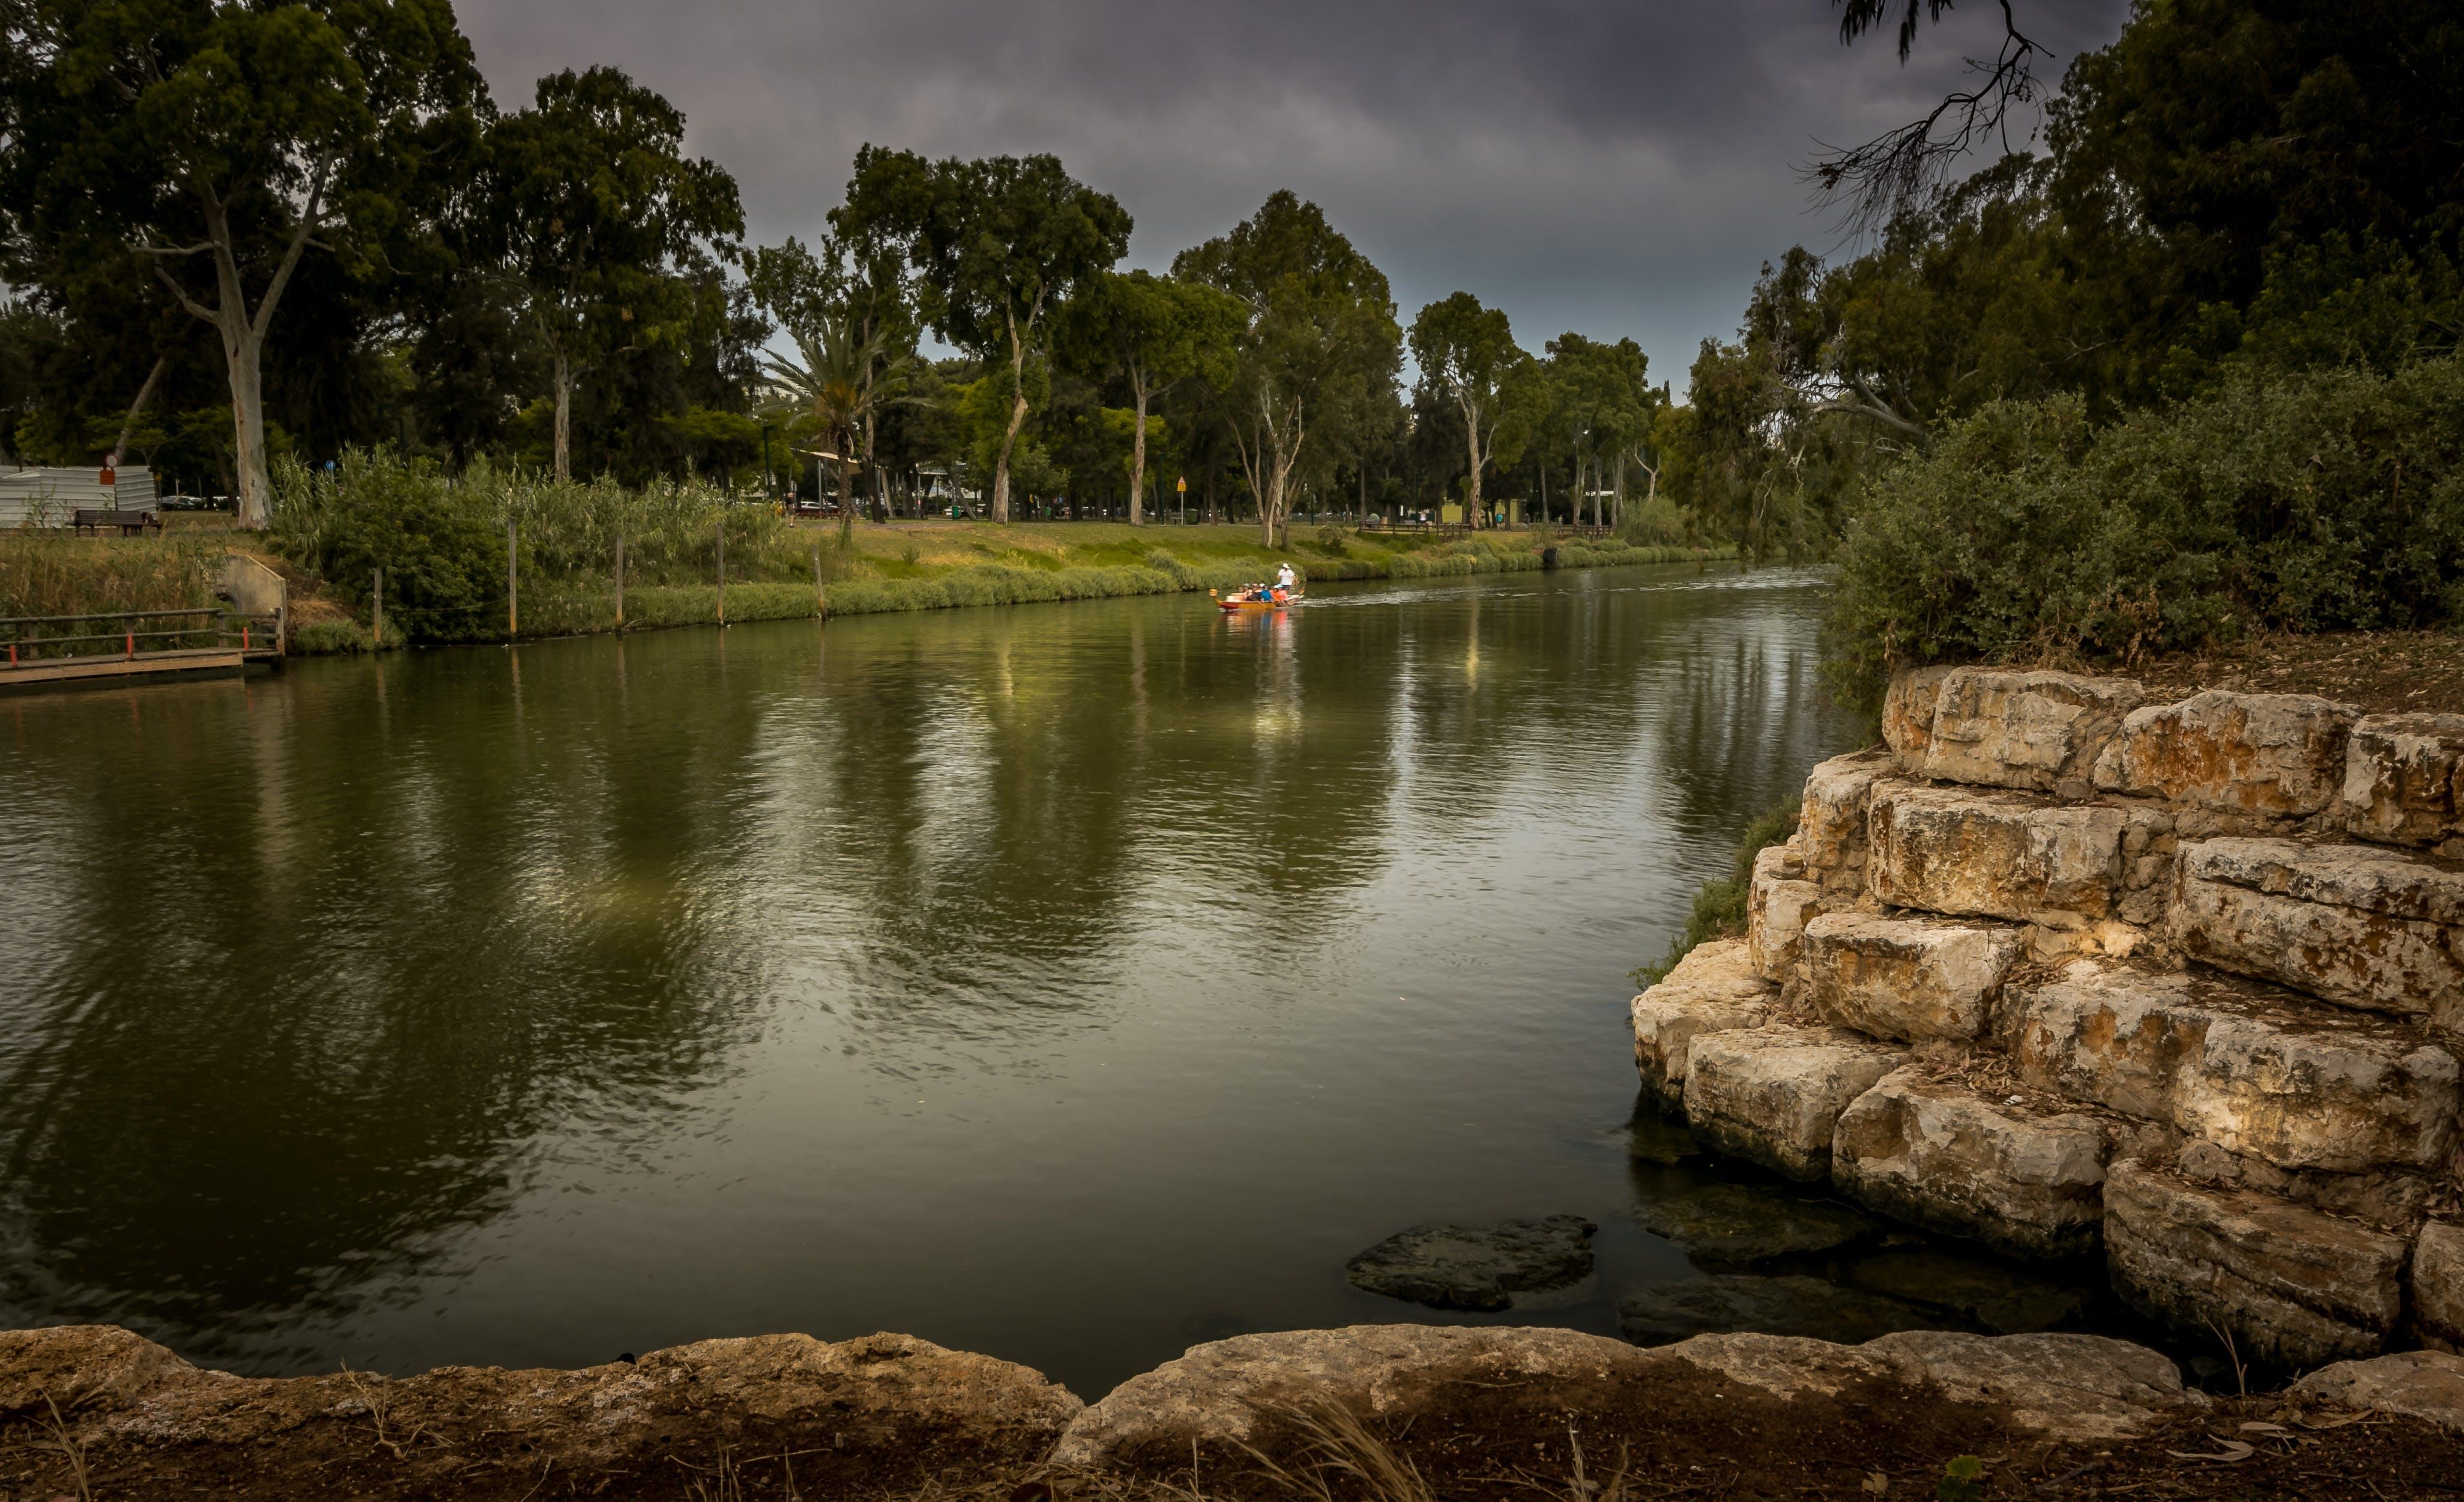 Δωρεάν στοκ φωτογραφιών με Ανατολή ηλίου, κωπηλάτης, πάρκο, τοπίο